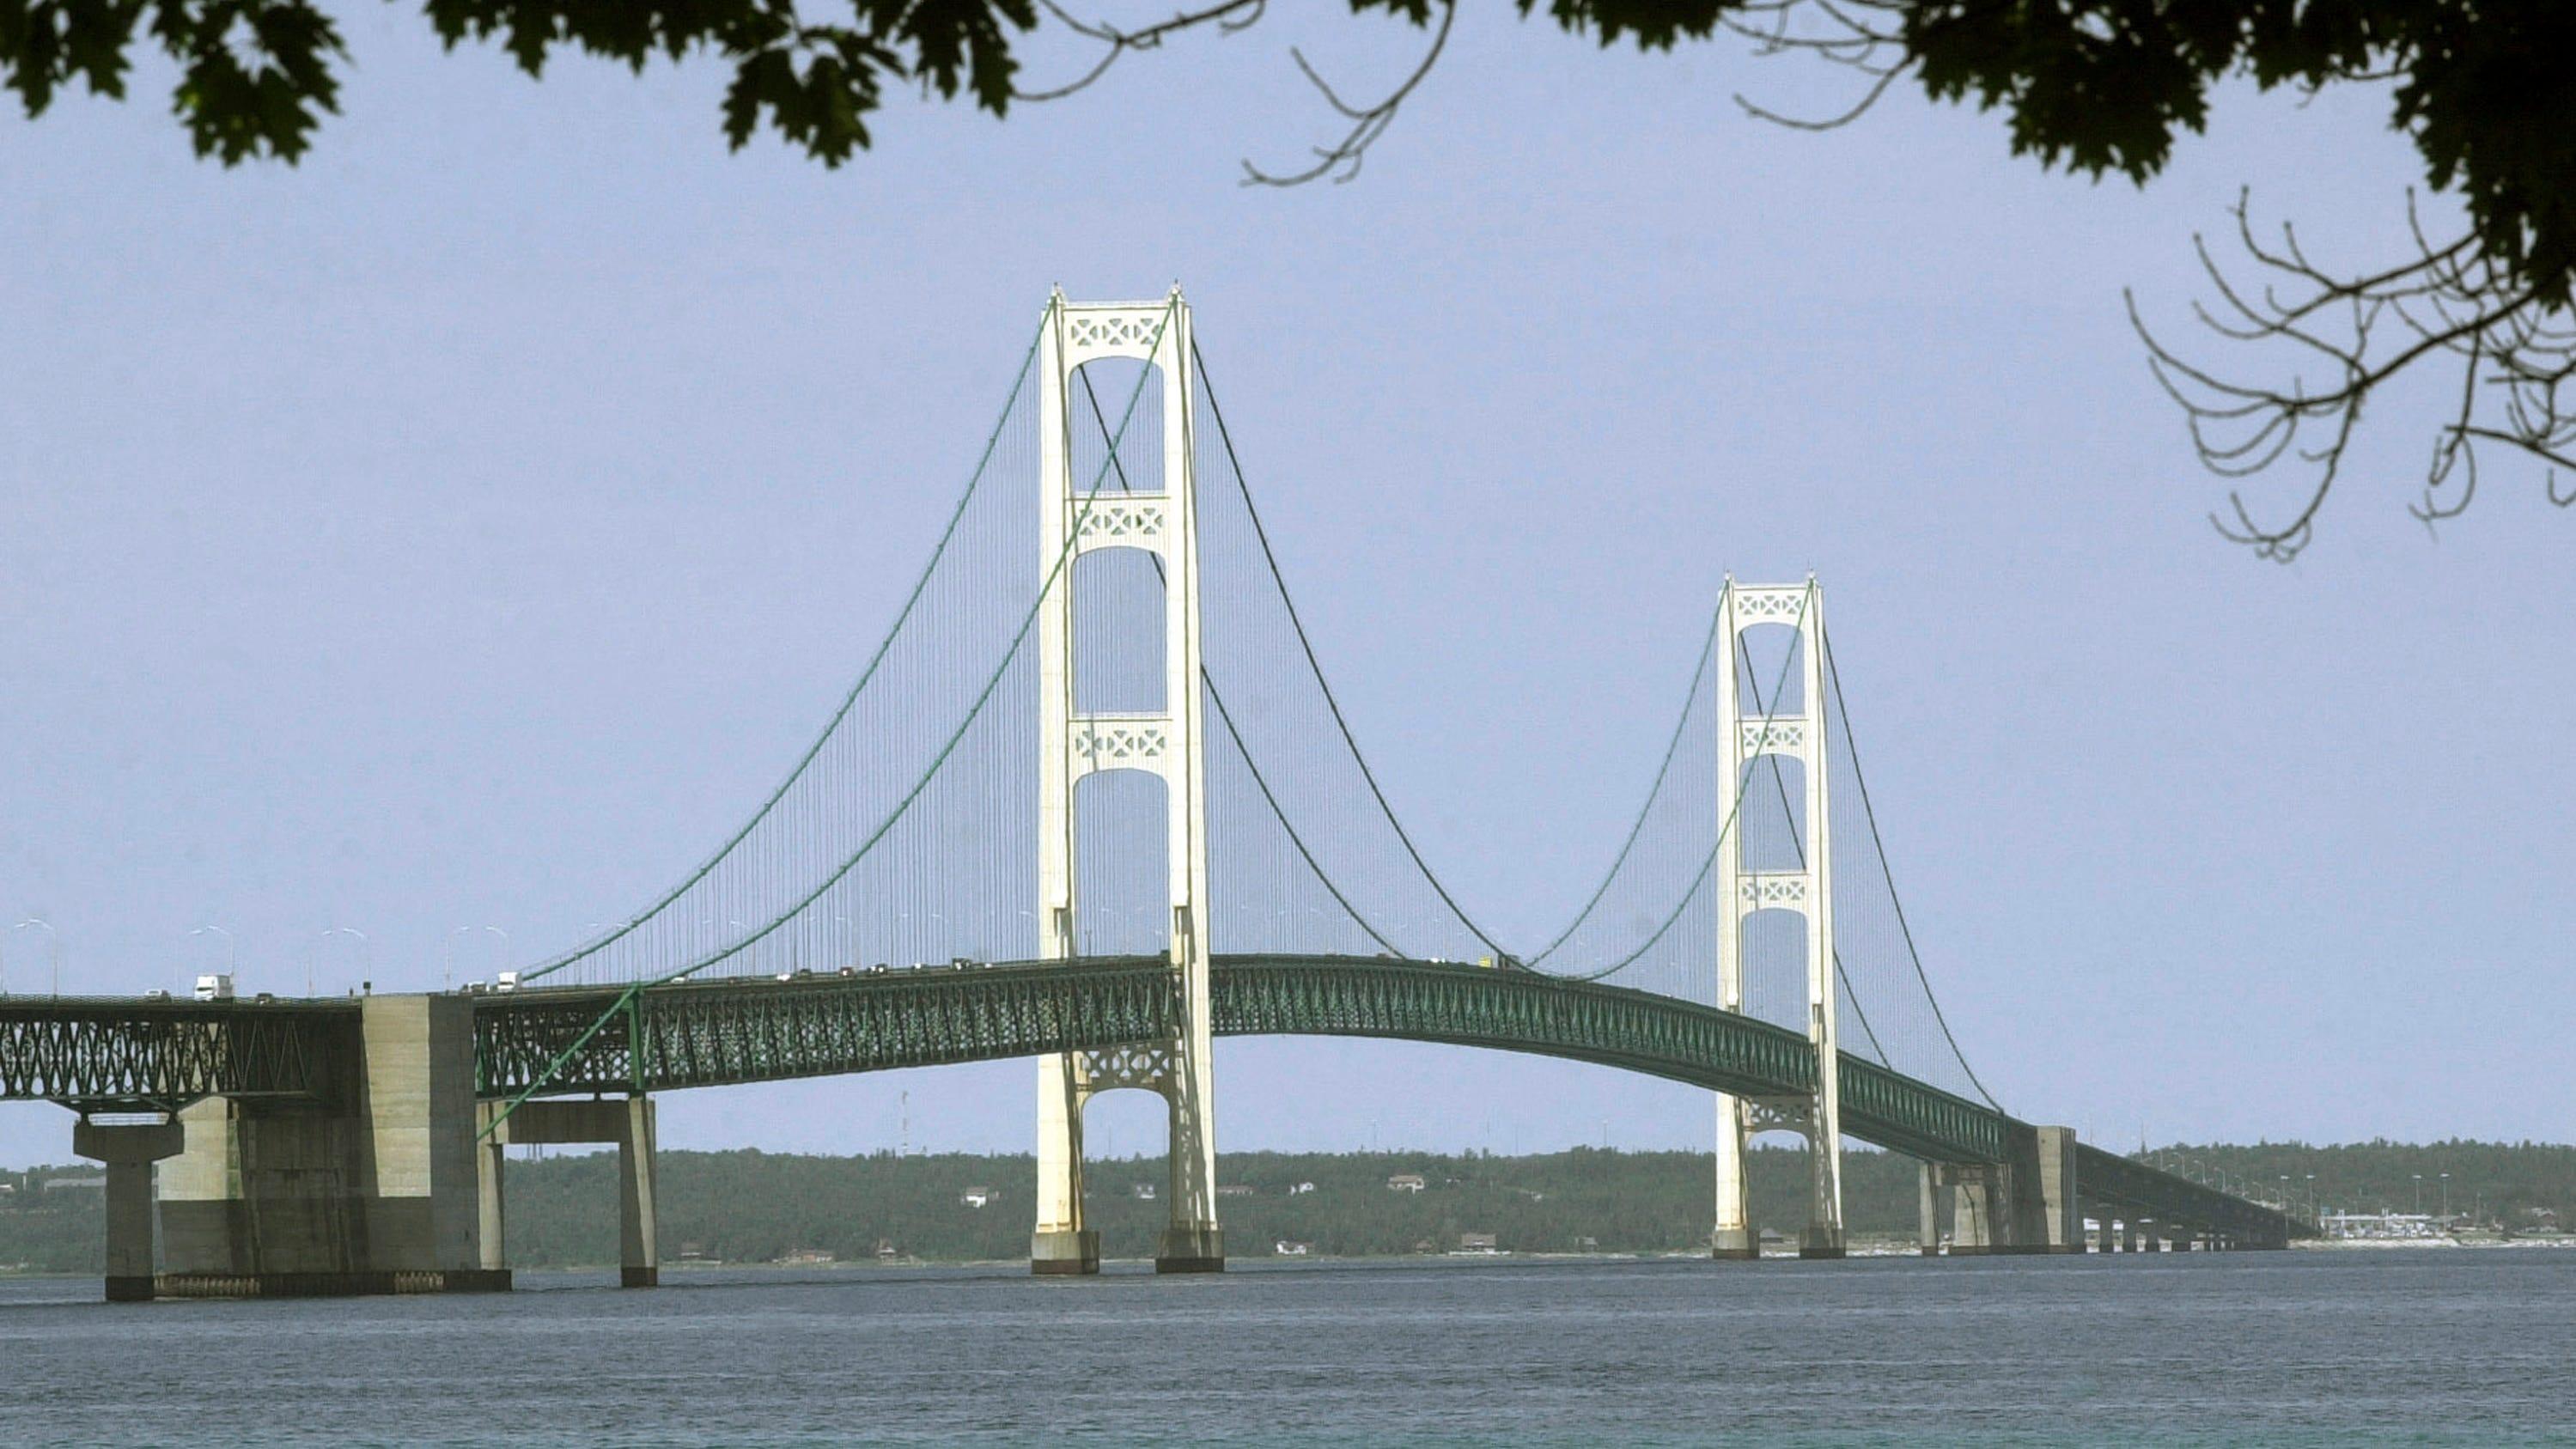 Strong winds blow through Michigan, shut Mackinac Bridge